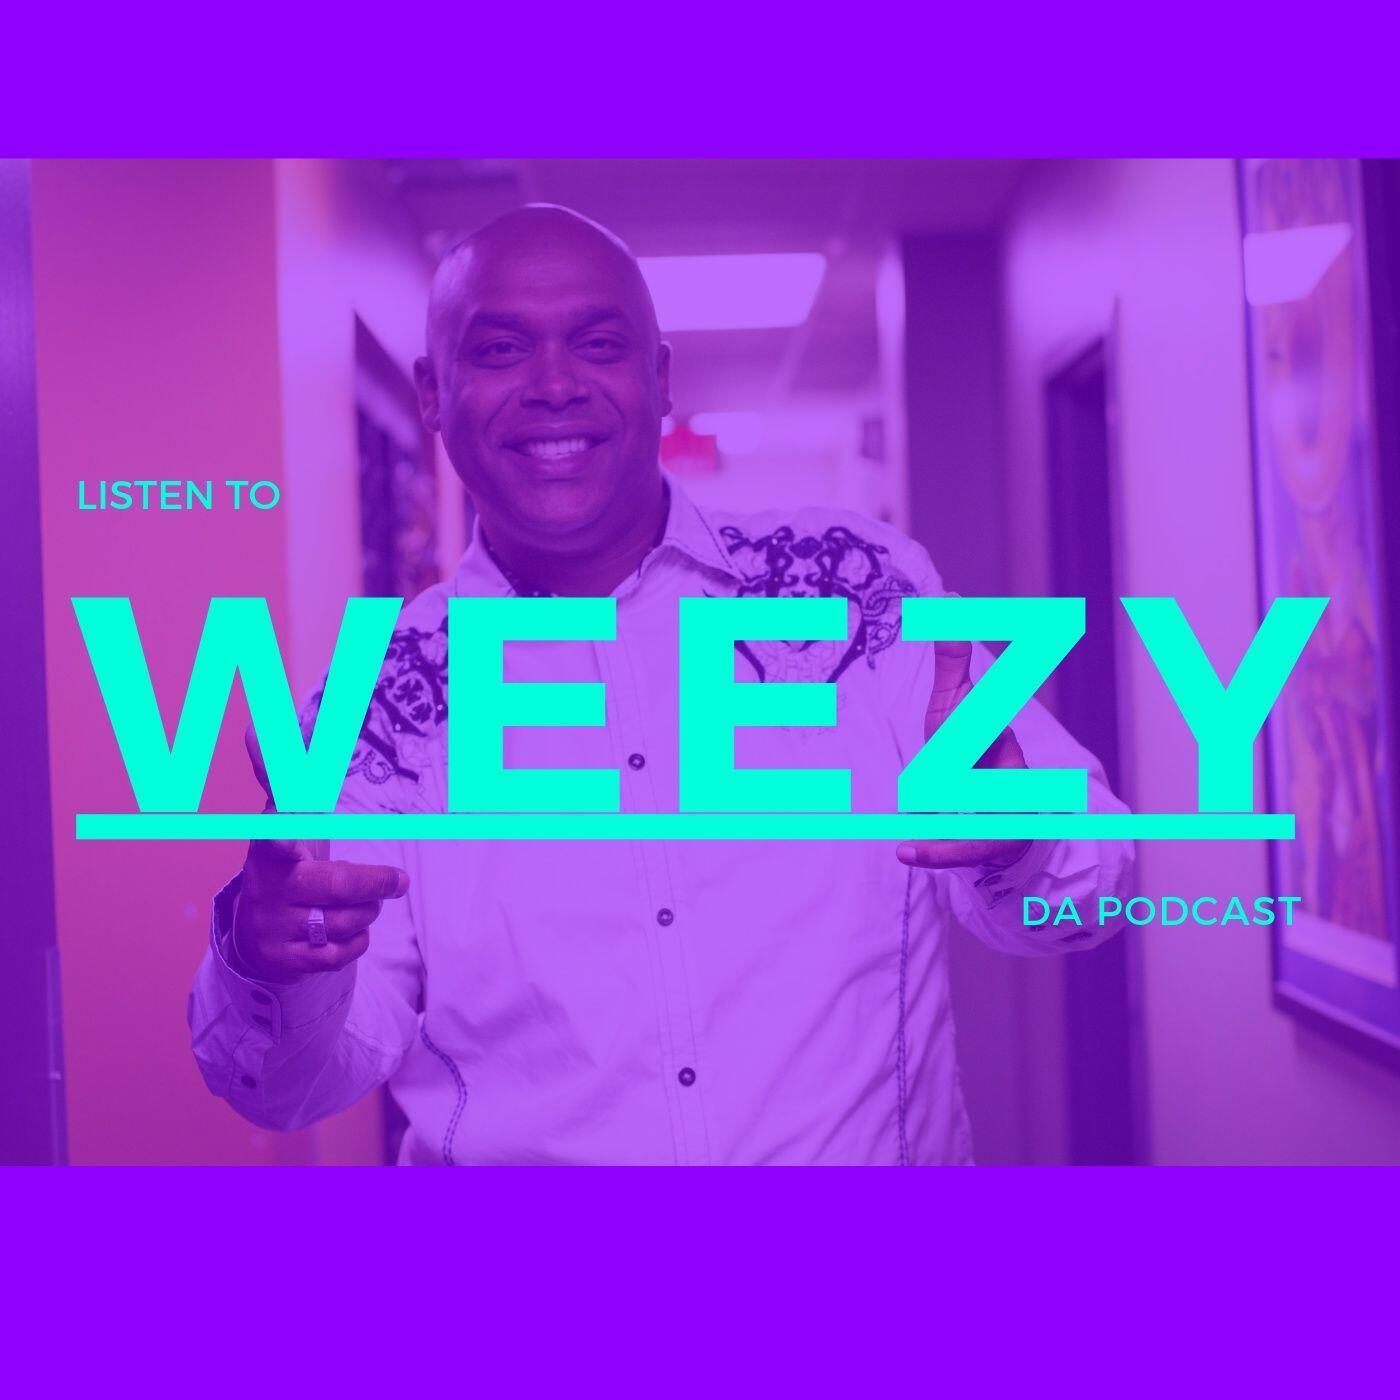 Weezy Da Podcast